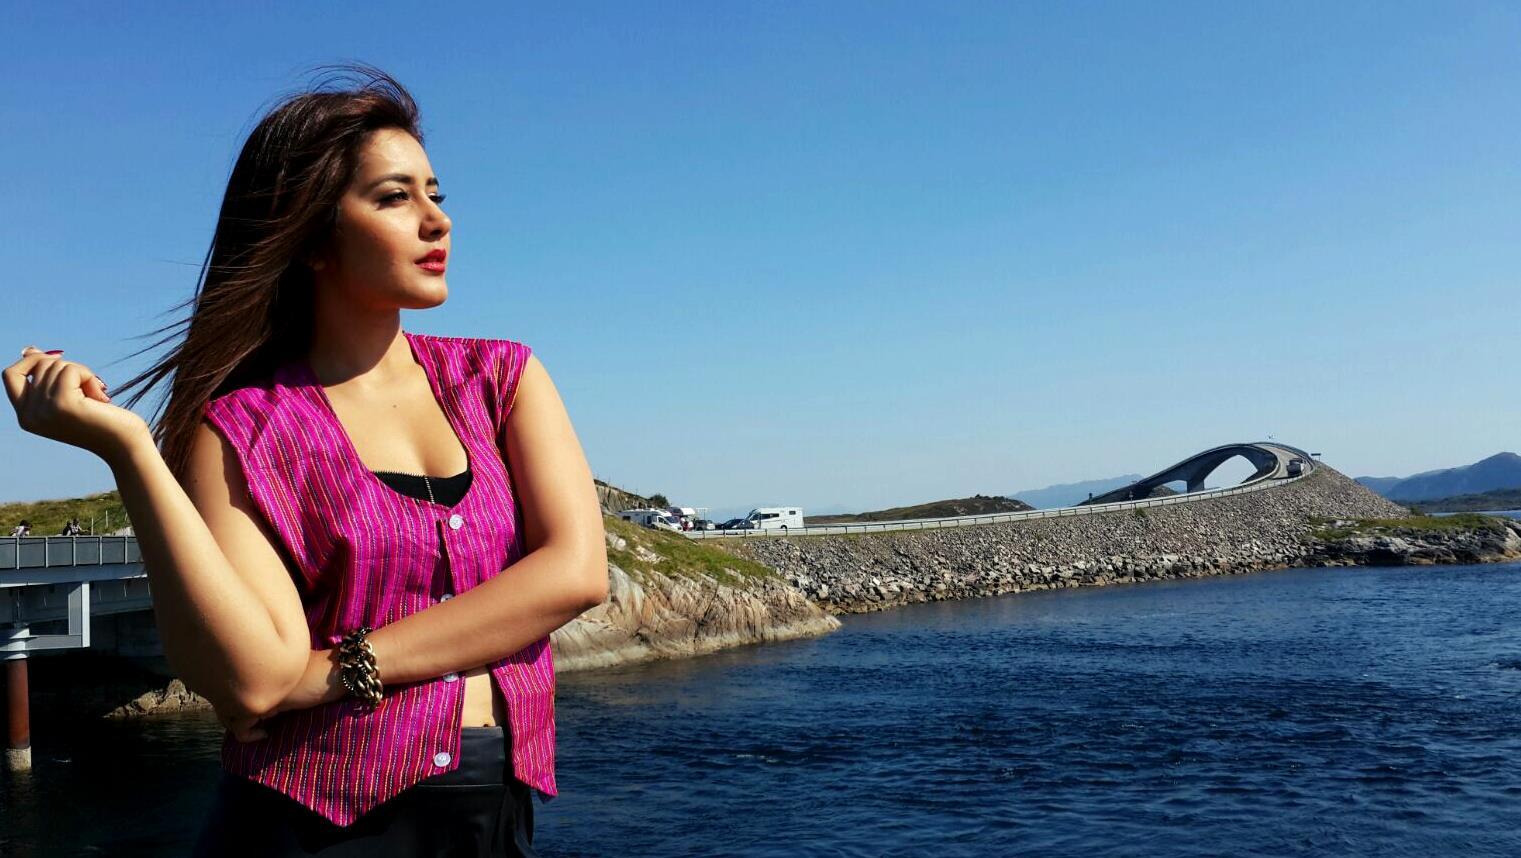 South Indian Hot Girl Rashi Khanna Beautiful Face Wallpapers